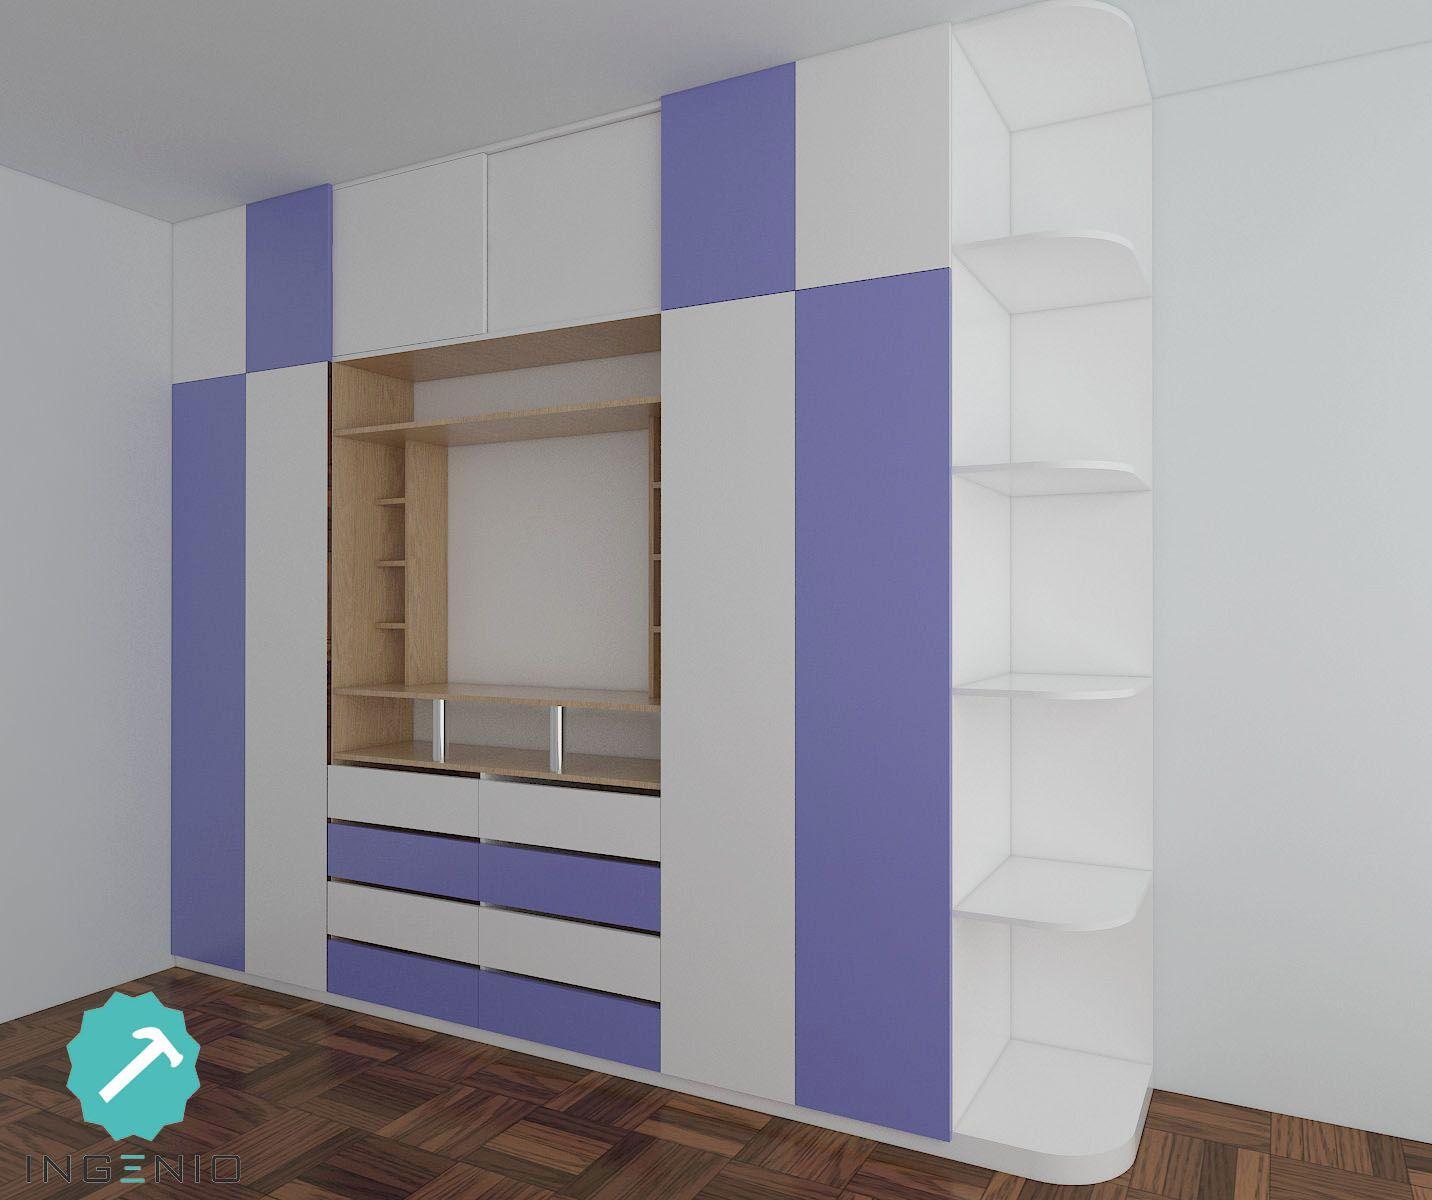 Mueble closet tv para dormitorio de ni os dise os for Muebles dormitorio nina